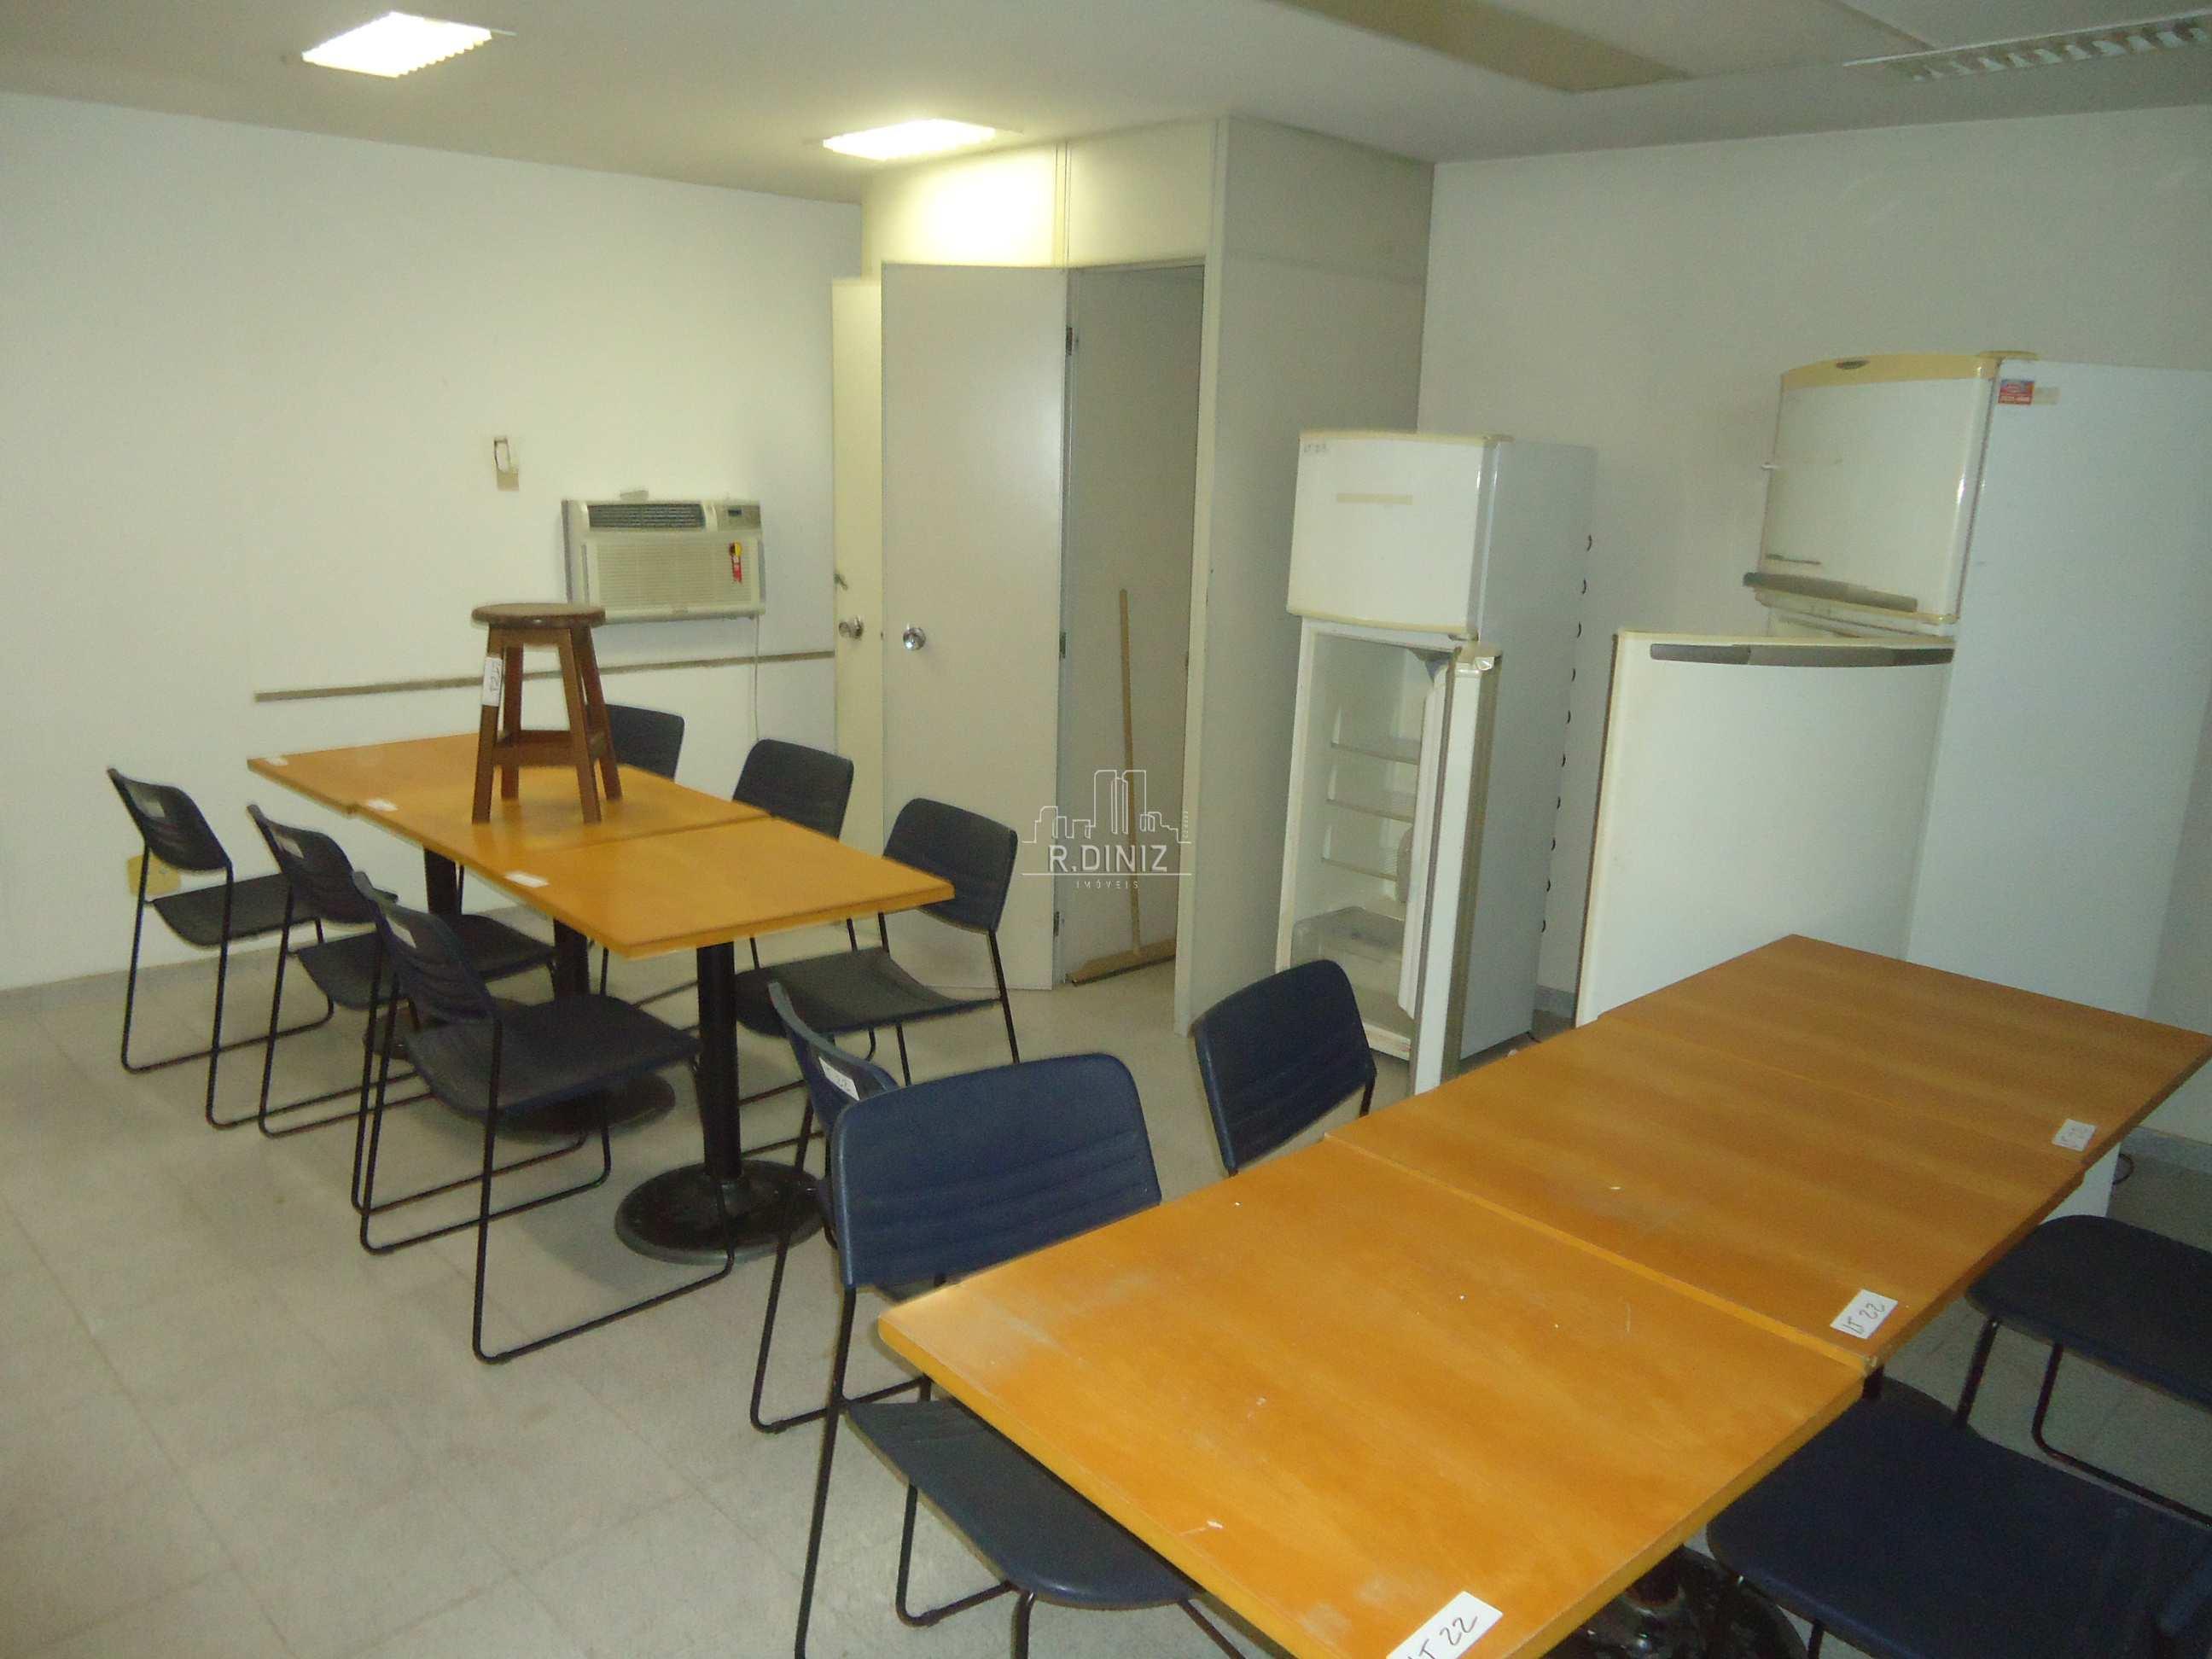 Centro, Cinelândia, Rua Senador Dantas, Andar corporativo, Aluguel, Rio de Janeiro, RJ - im011307 - 40